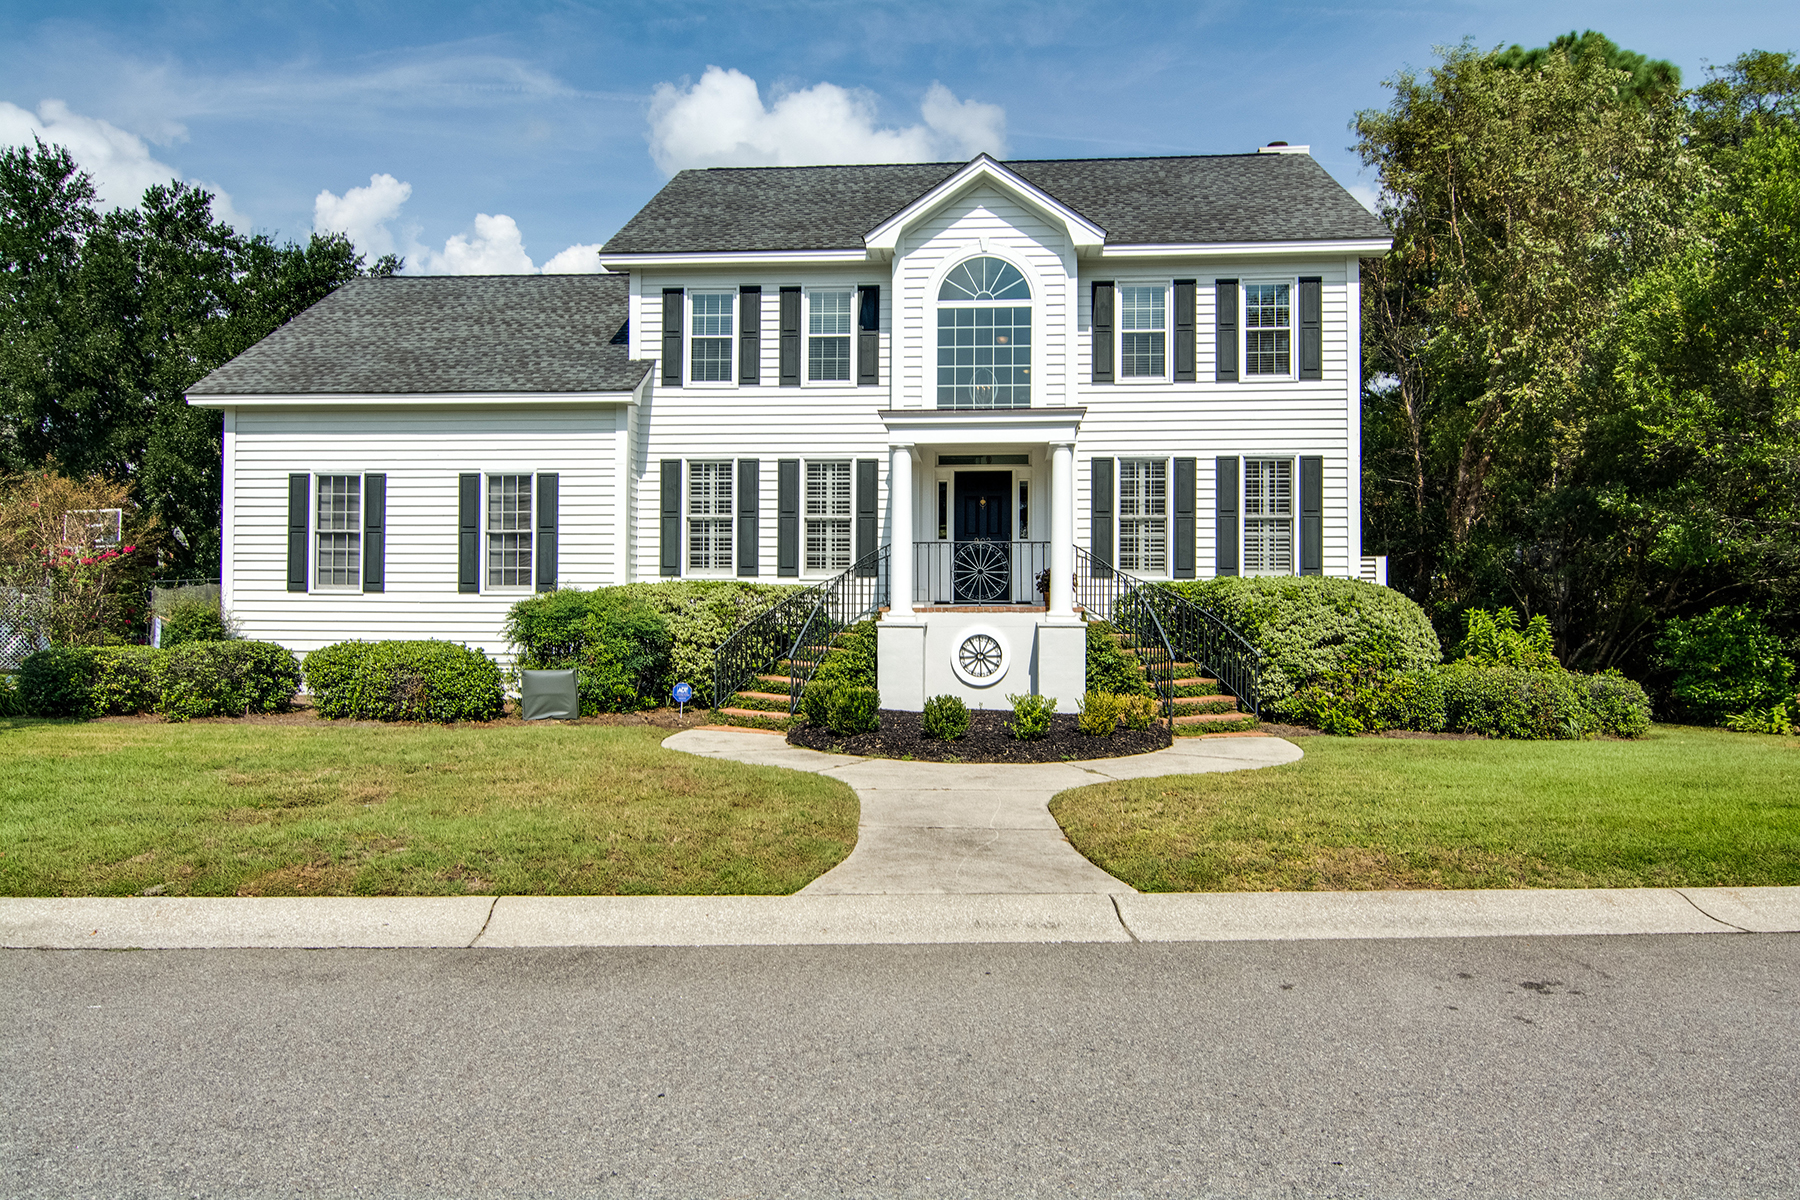 一戸建て のために 売買 アット Classic Lowcountry Home 902 Parrot Creek Way Charleston, サウスカロライナ, 29412 アメリカ合衆国